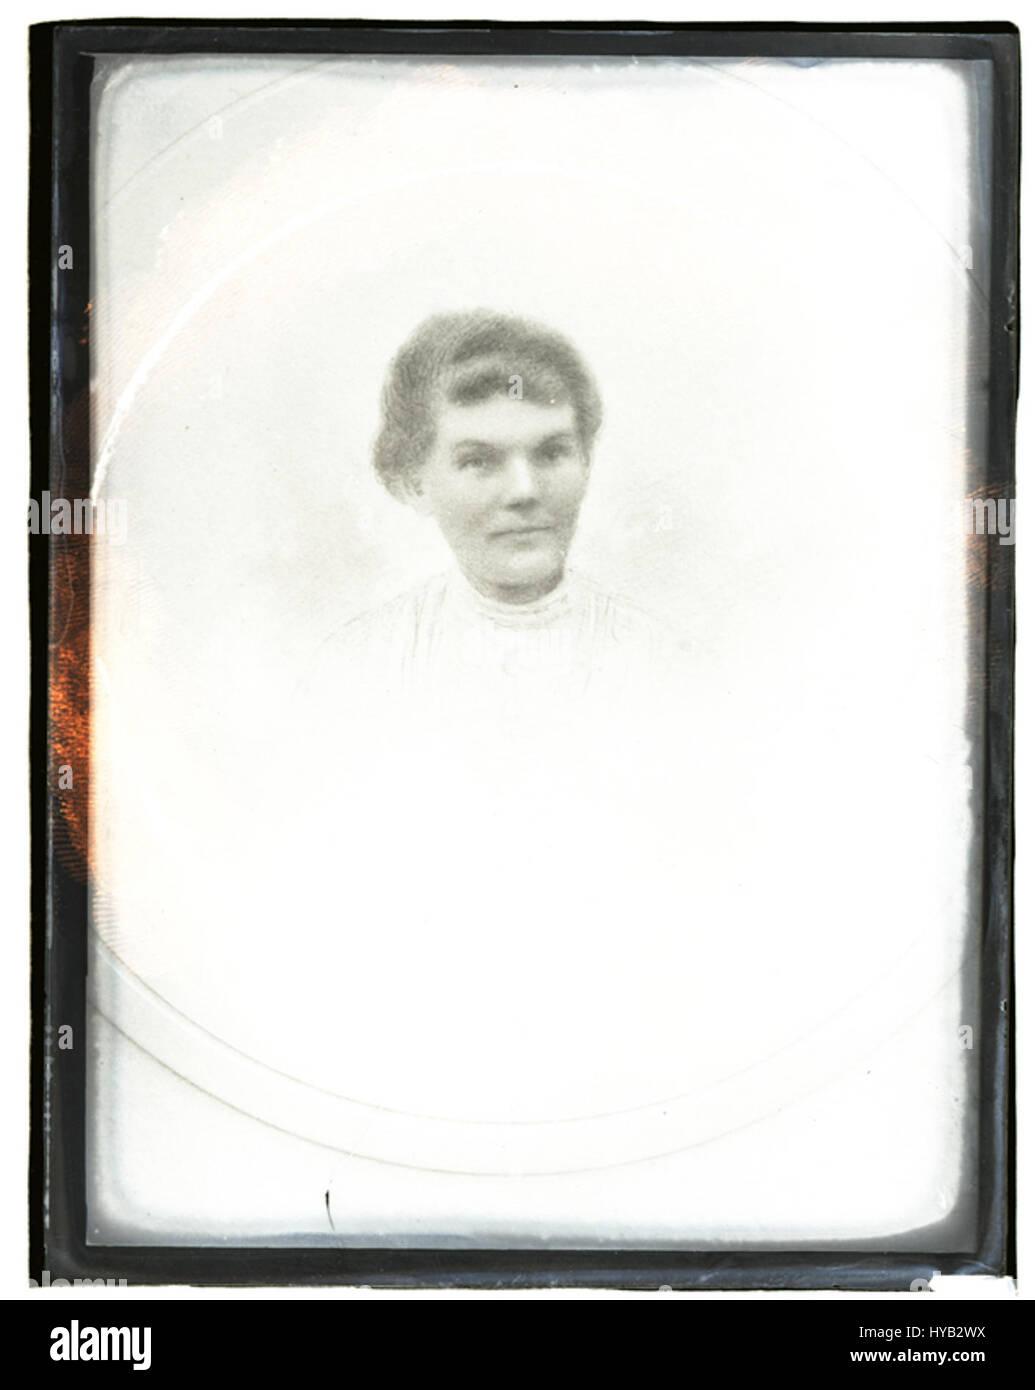 Girling, Kopie Foto, 18. Februar 1915 (17064507292) Stockbild